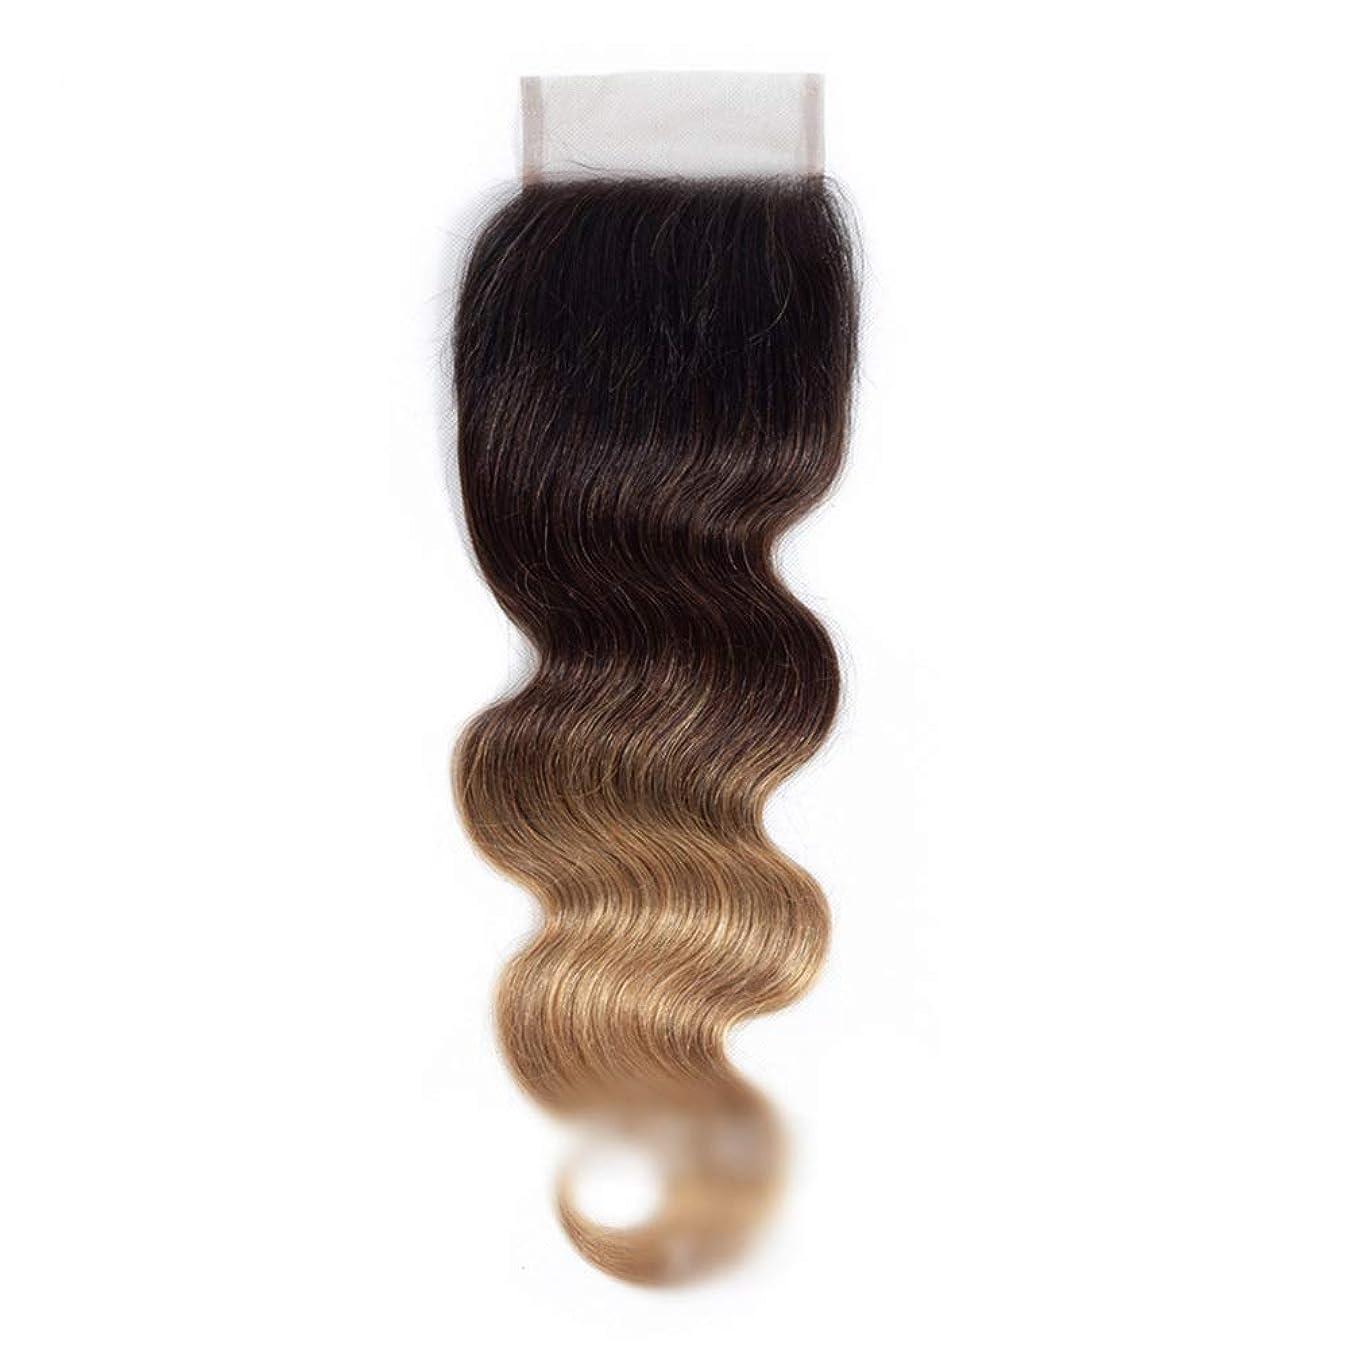 校長追い出す生き残りますBOBIDYEE ブラジルの実体波人間の髪の毛の耳に4 * 4レース前頭閉鎖1B / 4/27 3トーンカラーブラウンウィッグロングストレートウィッグ (色 : ブラウン, サイズ : 14 inch)